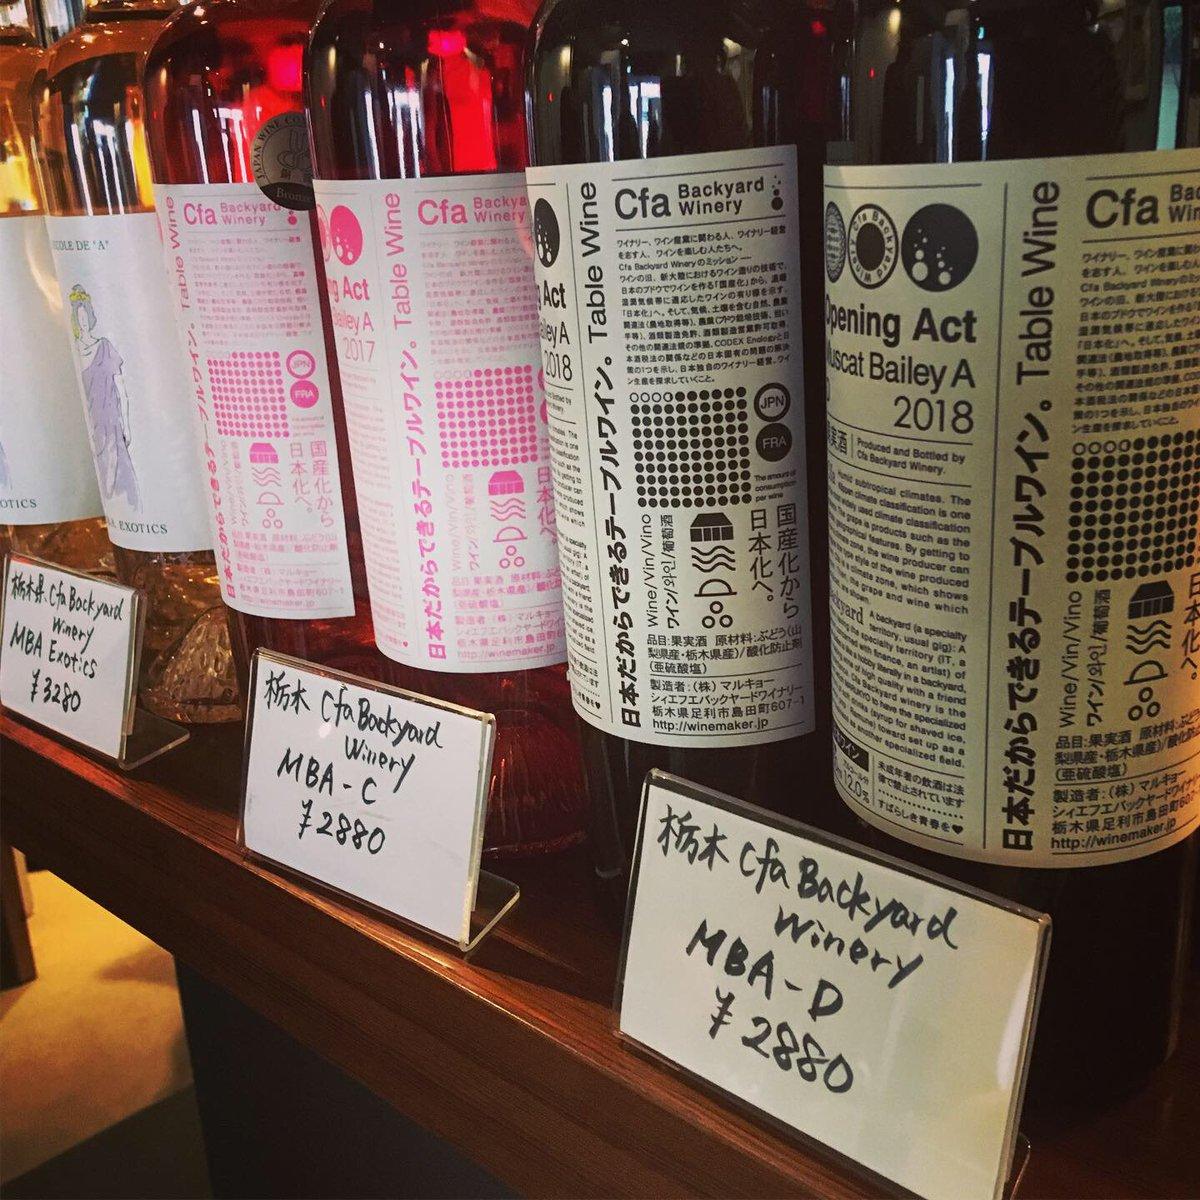 そんなこんなで西麻布の日本ワイン酒屋でやってたcfaが主催する足利ワイン学校?の生徒さんたちが作ったワインの試飲会に。なんか甲州の酵母二つ使った(アルコール5度で死滅する酵母とレギュラーの酵母だとか)やつがおもろかった。#cfa #足利ワイン #遅桜